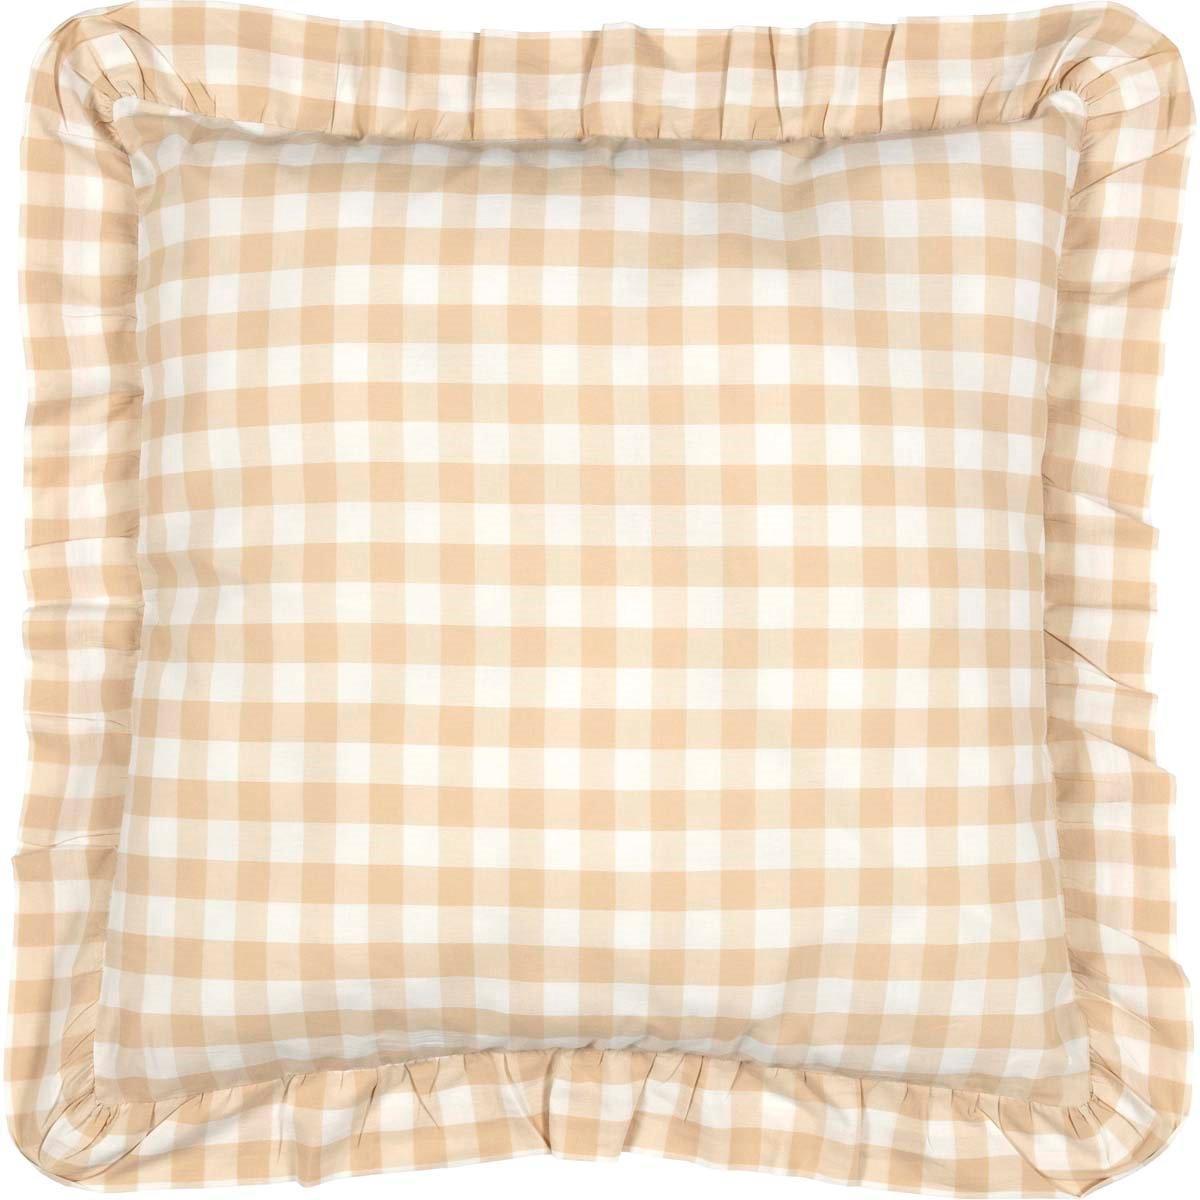 Annie Buffalo Tan Check Fabric Euro Sham 26x26